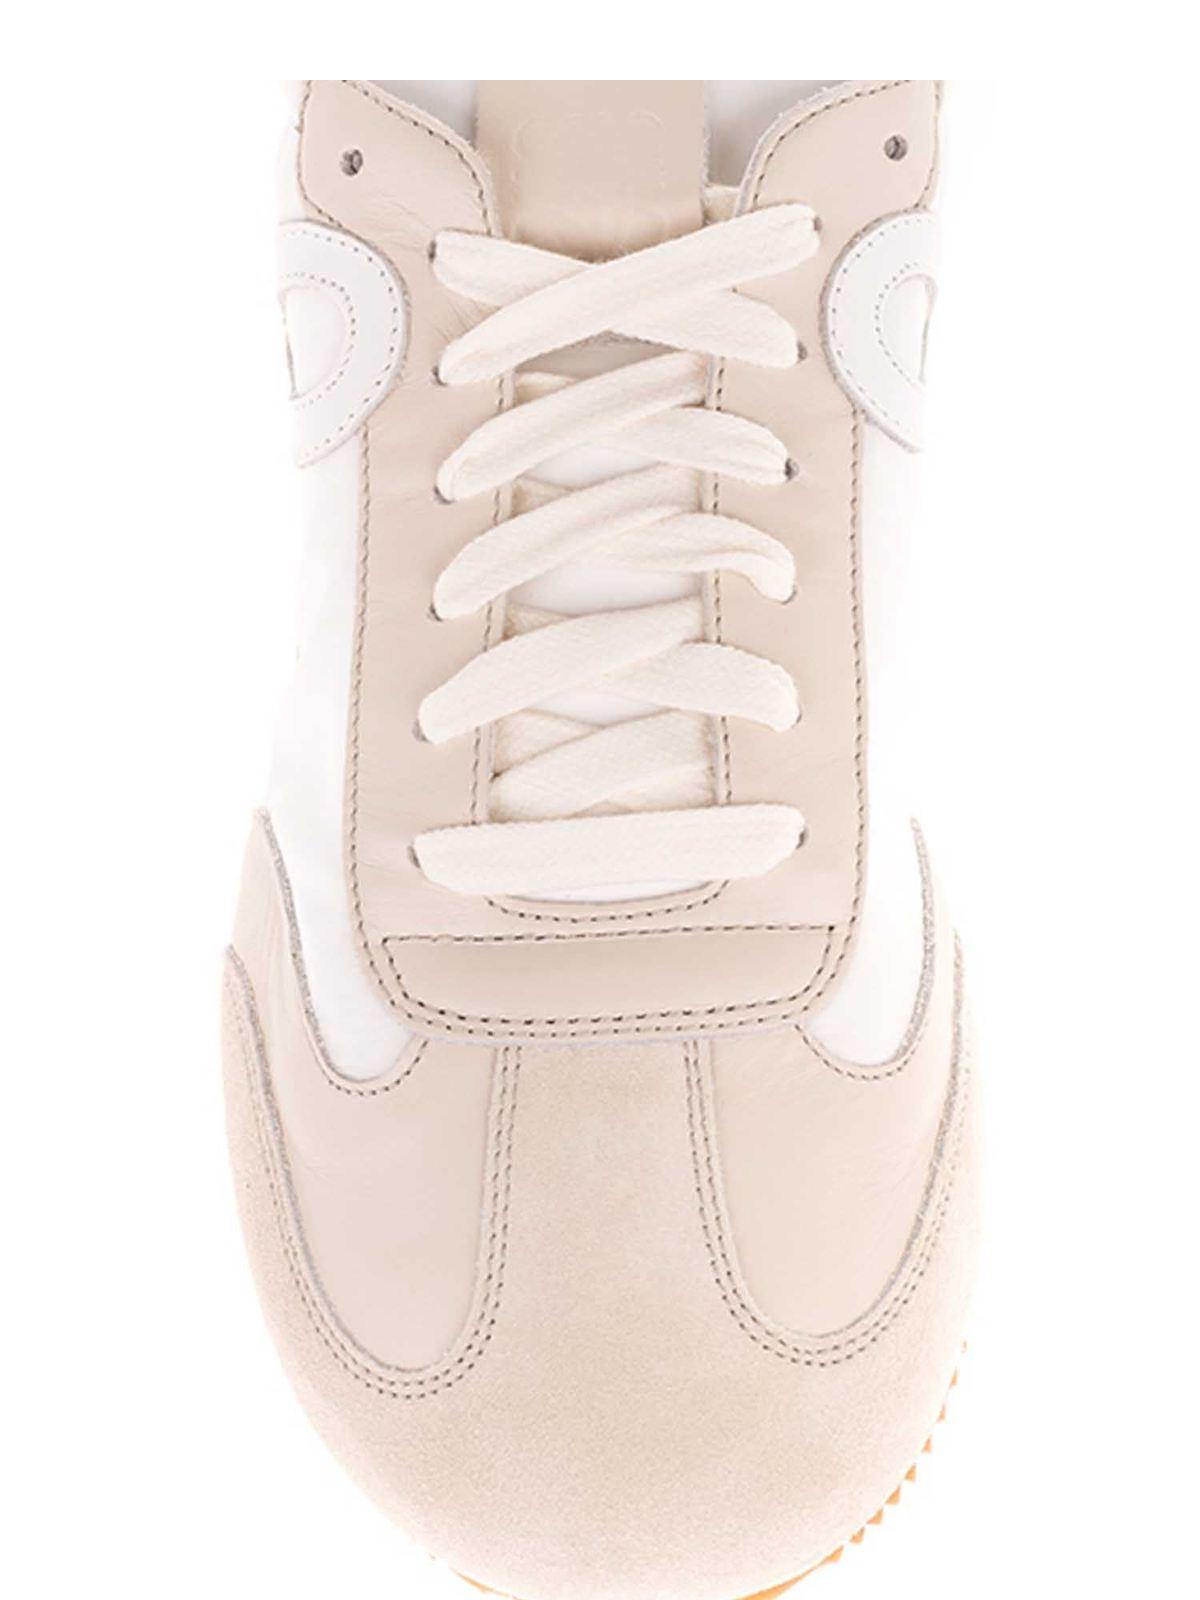 Loewe - Ballet sneakers in white